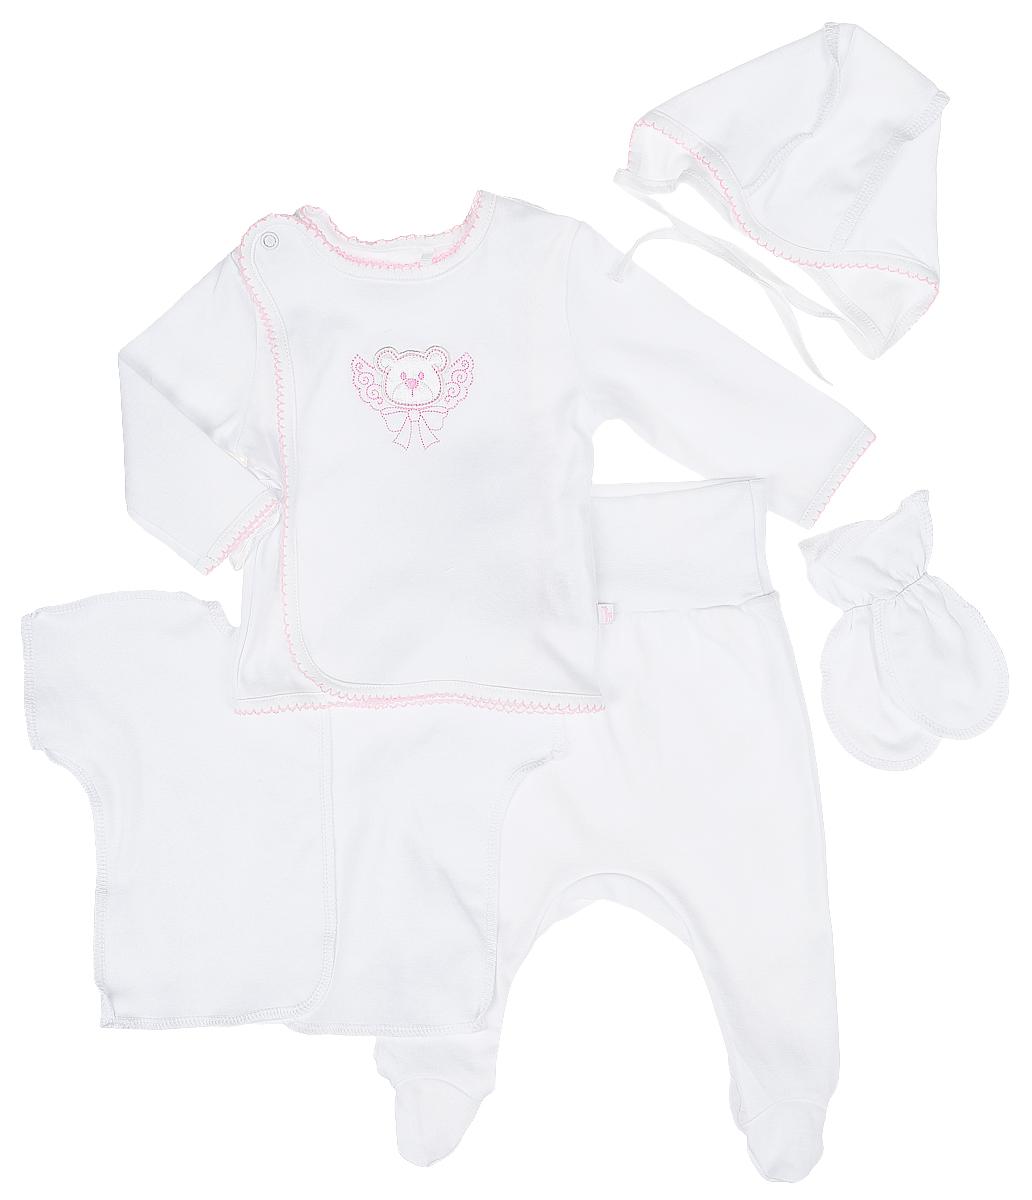 Комплект одеждыКП505-5Комплект для новорожденного БЕМБІ, изготовленный из натурального хлопка, он необычайно мягкий и приятный на ощупь, не сковывает движения малыша и позволяет коже дышать. Комплект состоит из ползунков, кофточки, распашонки, рукавичек и чепчика. Ползунки с закрытыми ножками дополнены широким поясом, благодаря которому они не сдавливают животик малыша и не сползают. Кофточка с длинными рукавами и круглым вырезом горловины застегивается сверху на кнопочку и дополнительно завязывается на атласные ленточки. На груди кофточка оформлена очаровательной аппликацией в виде мордочки мишки. Распашонка с короткими- цельнокроеными рукавами не имеет застежек и оформлена в лаконичном дизайне. Чепчик защищает еще не заросший родничок, щадит чувствительный слух малыша, прикрывая ушки. Модель дополнена завязками, при помощи которых можно регулировать обхват головы и шеи. Рукавички дополнены эластичными резиночками на манжетах. В таком комплекте ваш ...